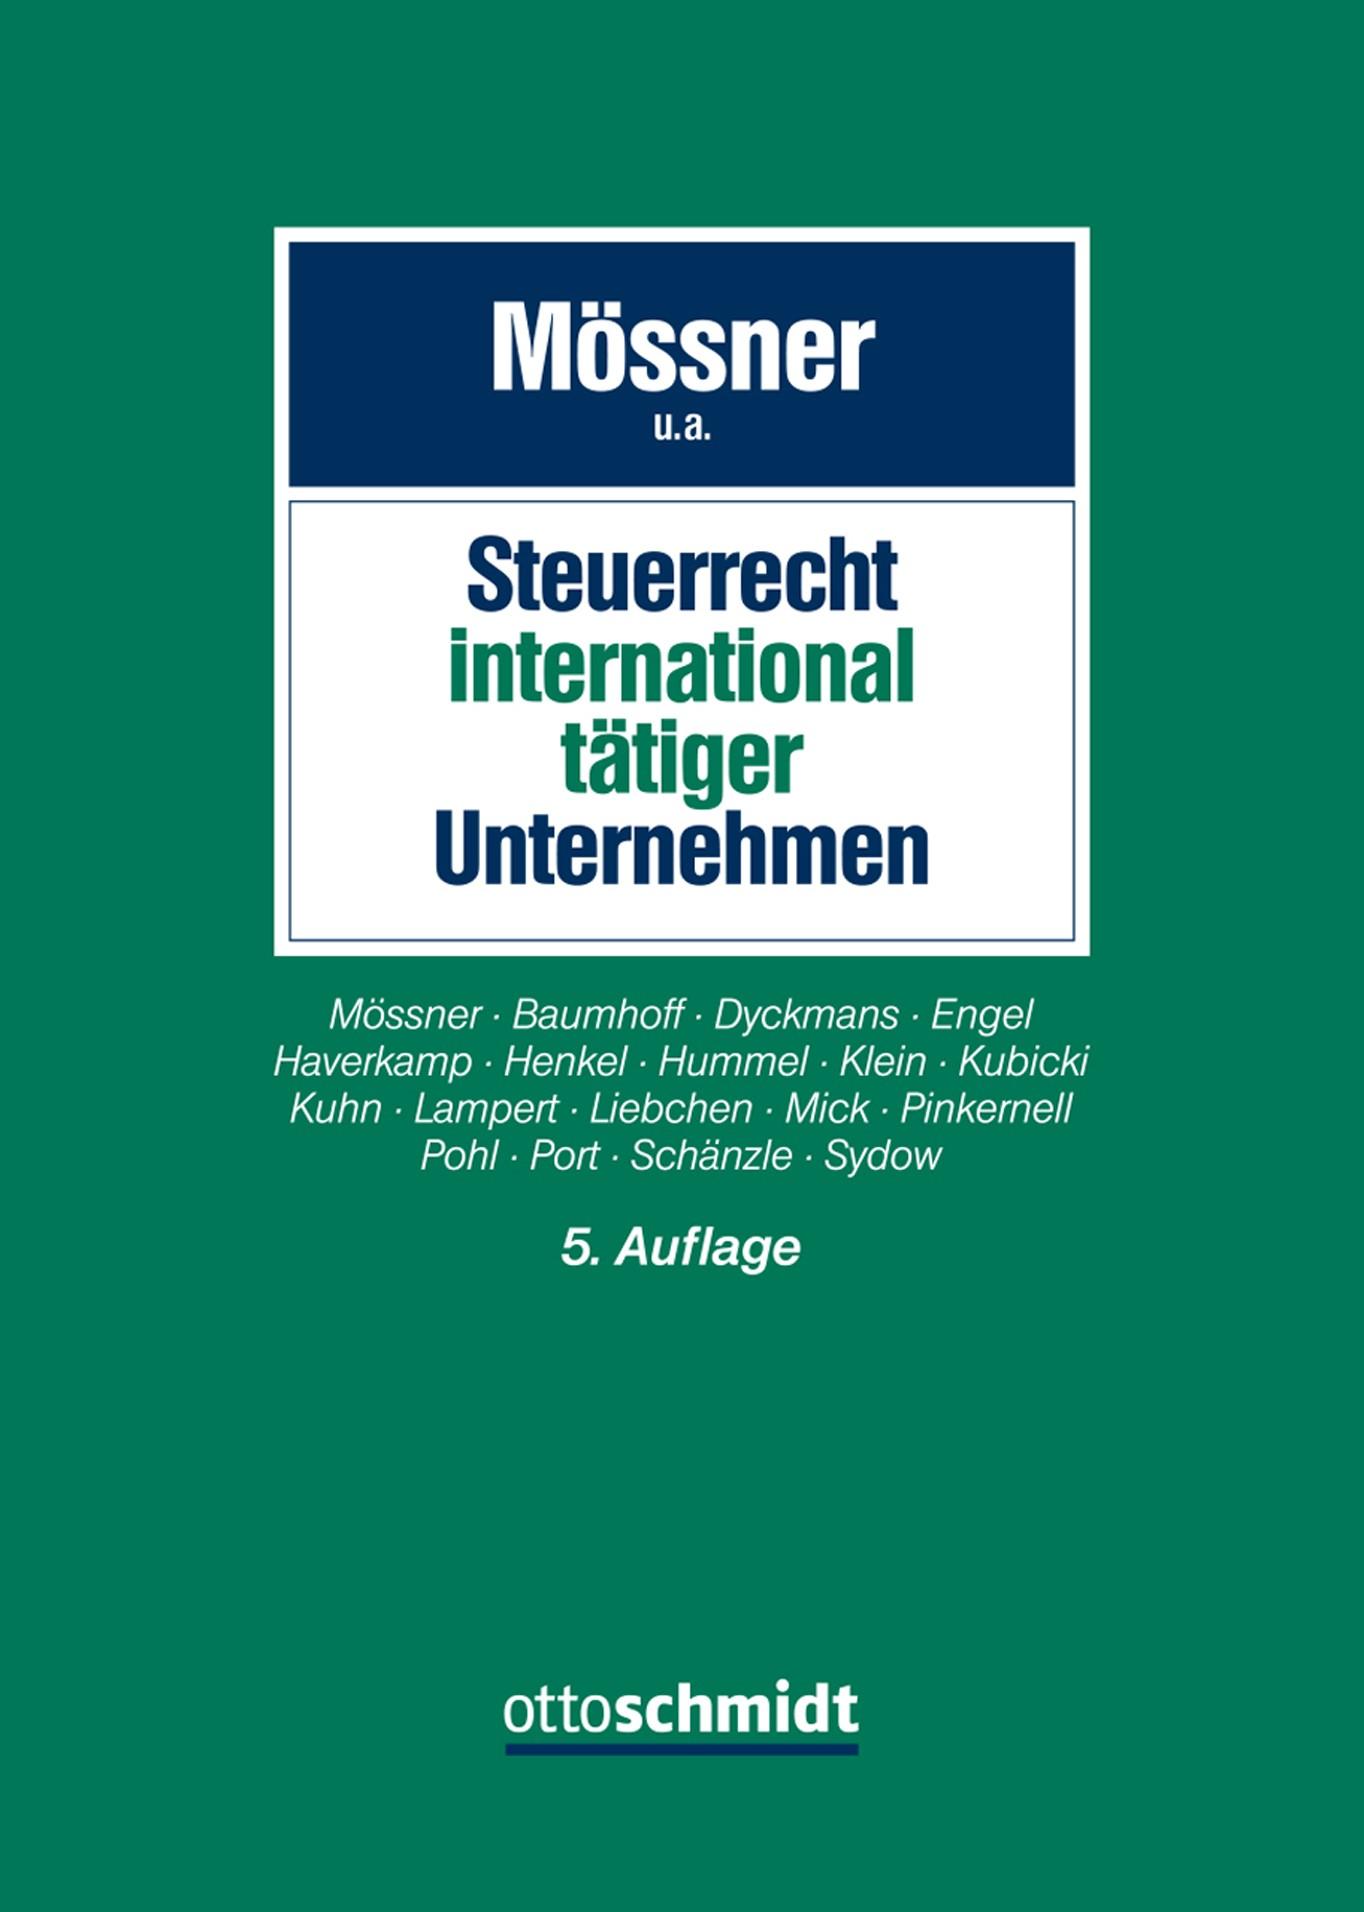 Steuerrecht international tätiger Unternehmen | Mössner u.a. | 5. Auflage, 2018 | Buch (Cover)